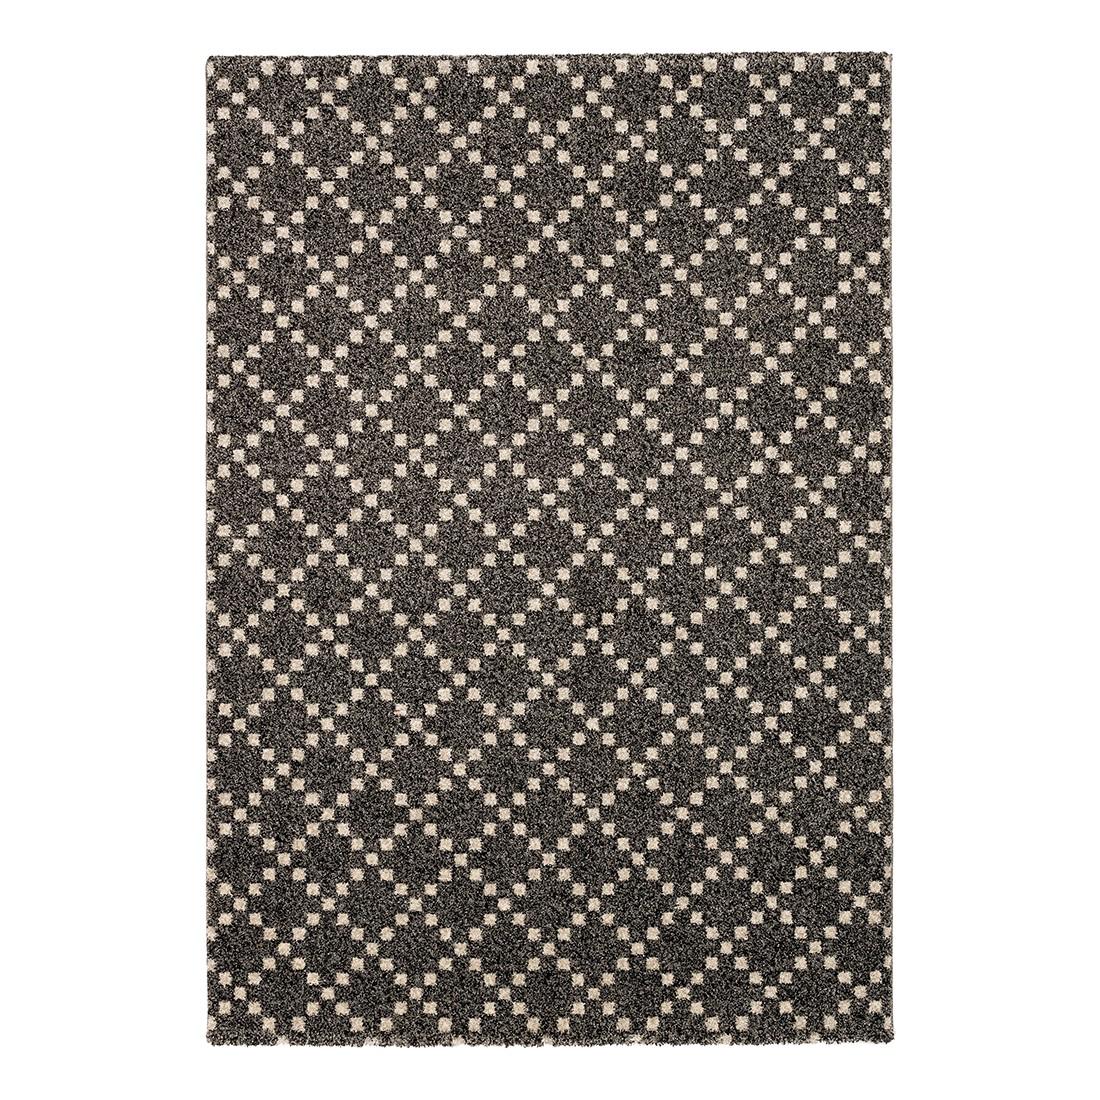 teppich davinci k stchen schwarz 80 x 150 cm sch ner wohnen kollektion g nstig online kaufen. Black Bedroom Furniture Sets. Home Design Ideas